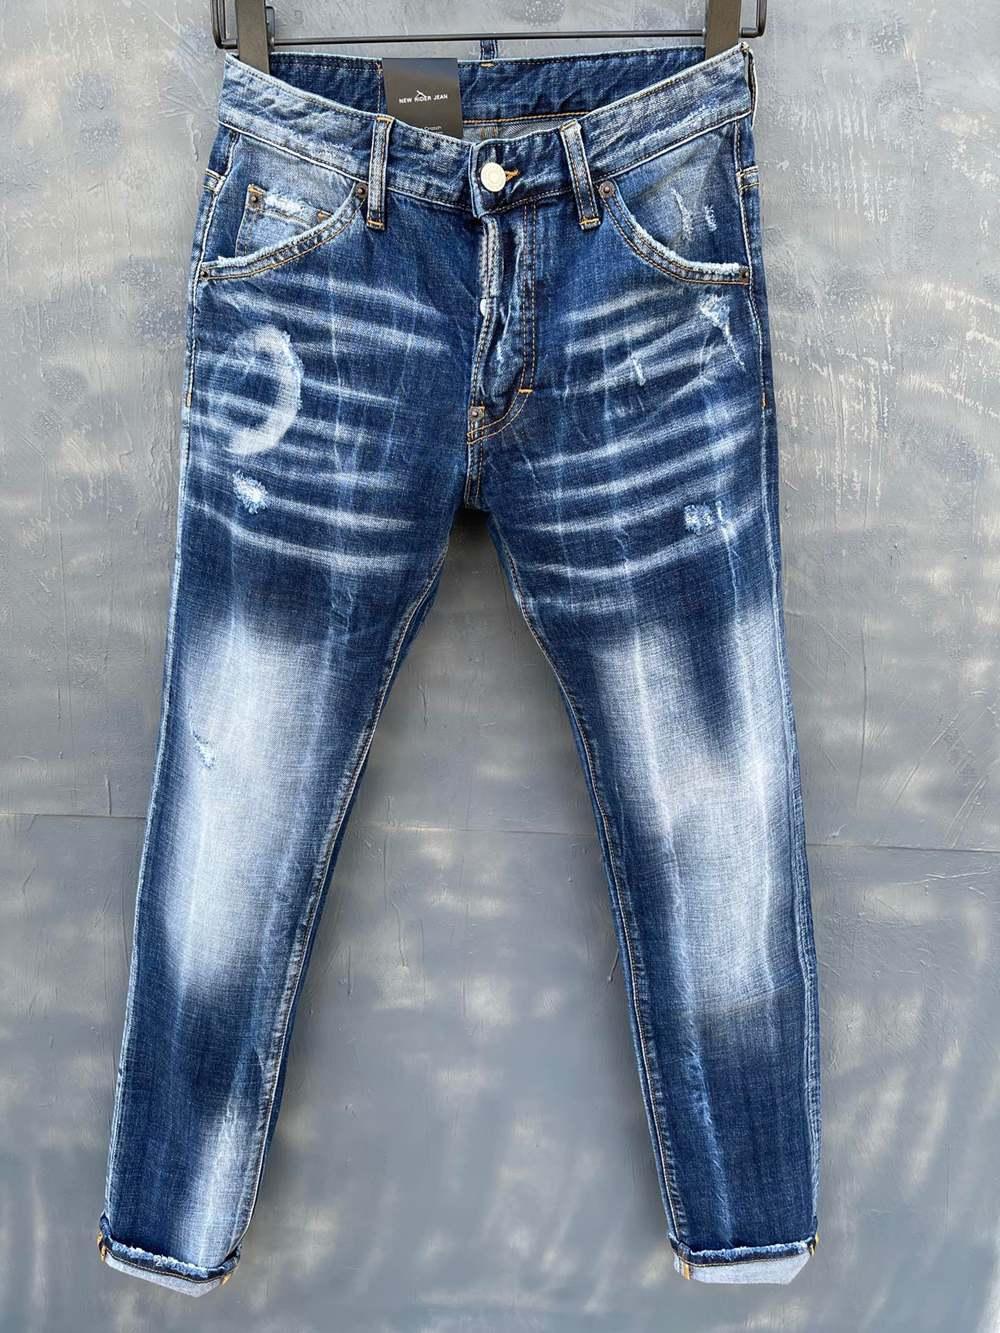 2021 Neue Marken Europäische und amerikanische Mode Herren Casual Jeans, hochwertiges Waschen, reines Handschleifen, Qualitätsoptimierung LT9138